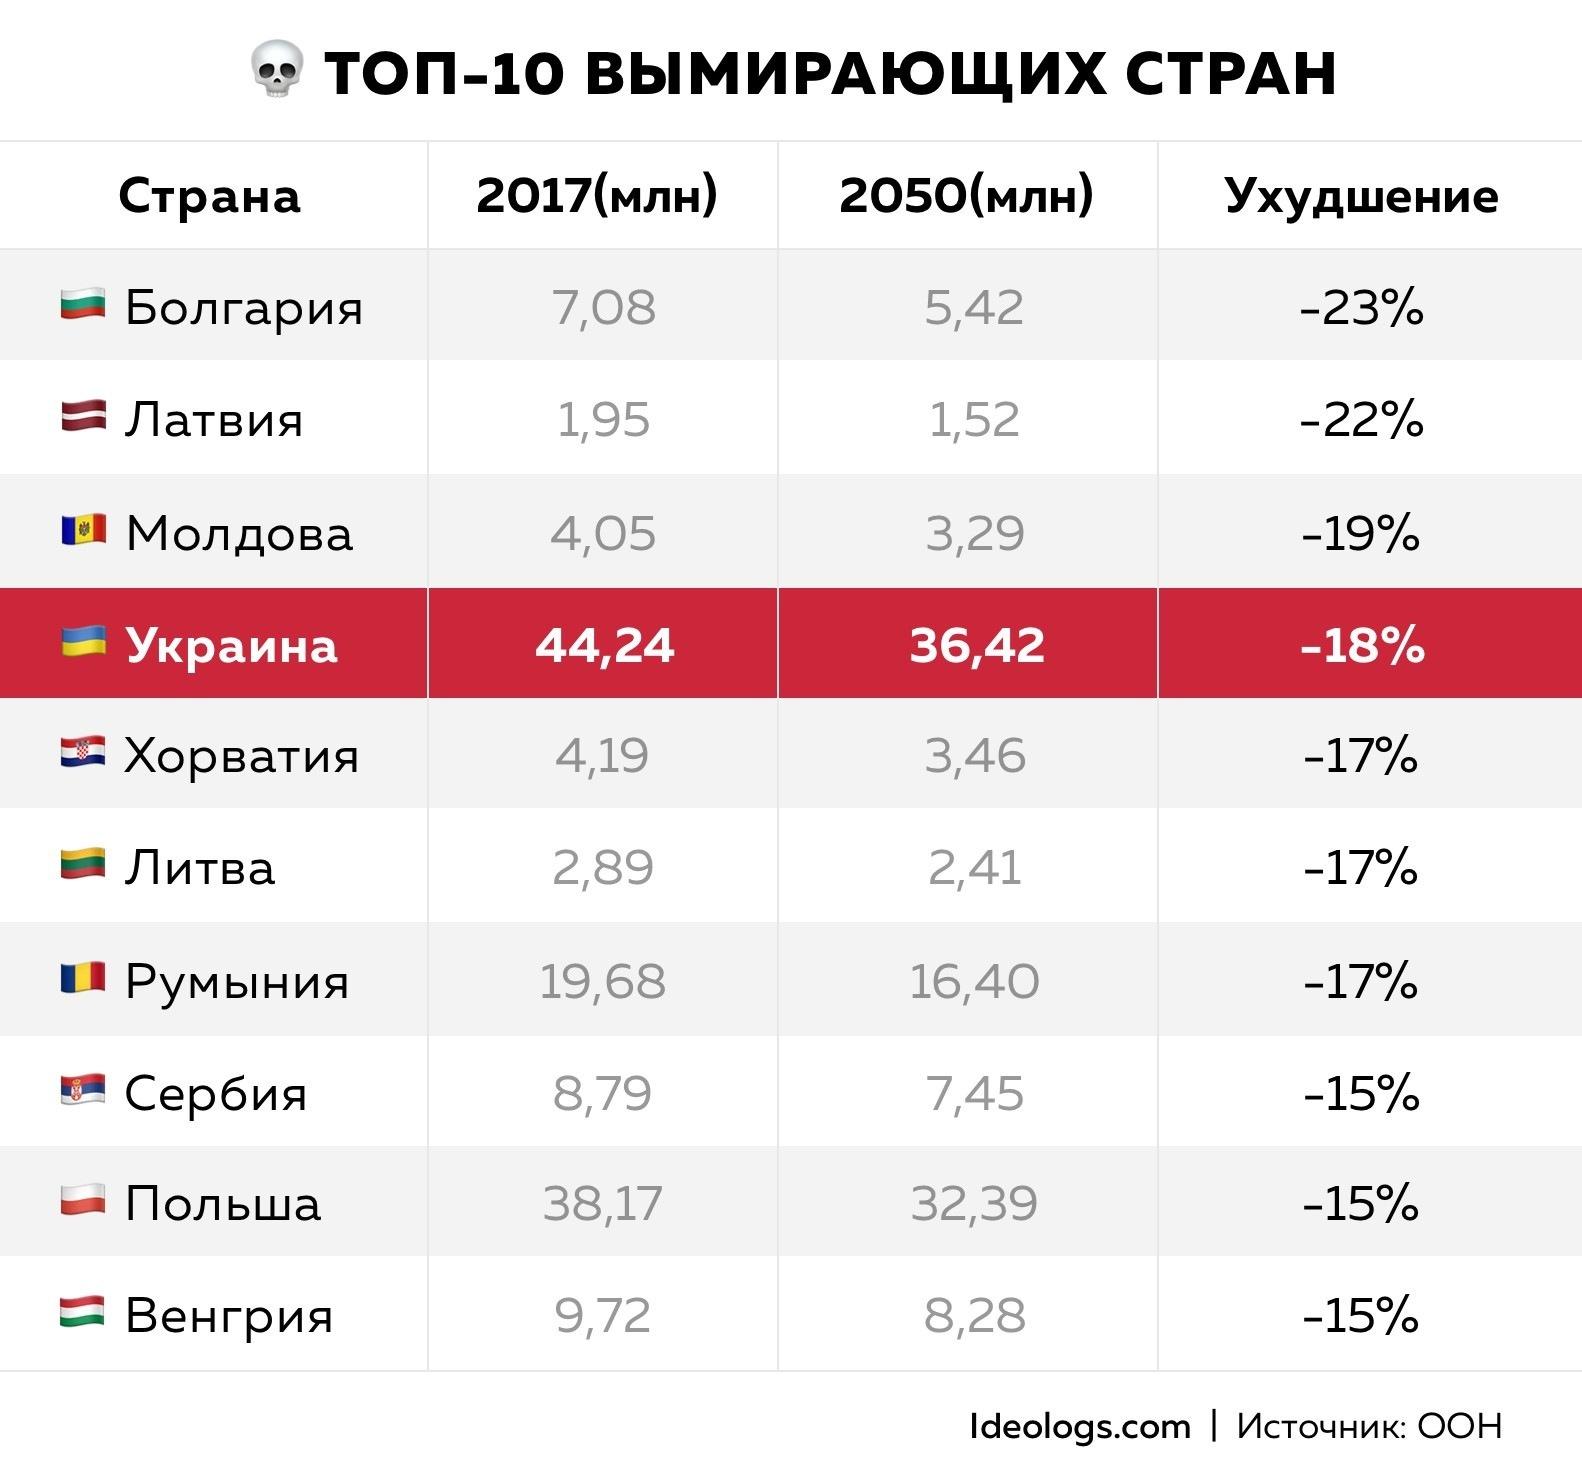 Самые «вымирающие» страны мира находятся в Восточной Европе Самые «вымирающие» страны мира находятся в Восточной Европе karta